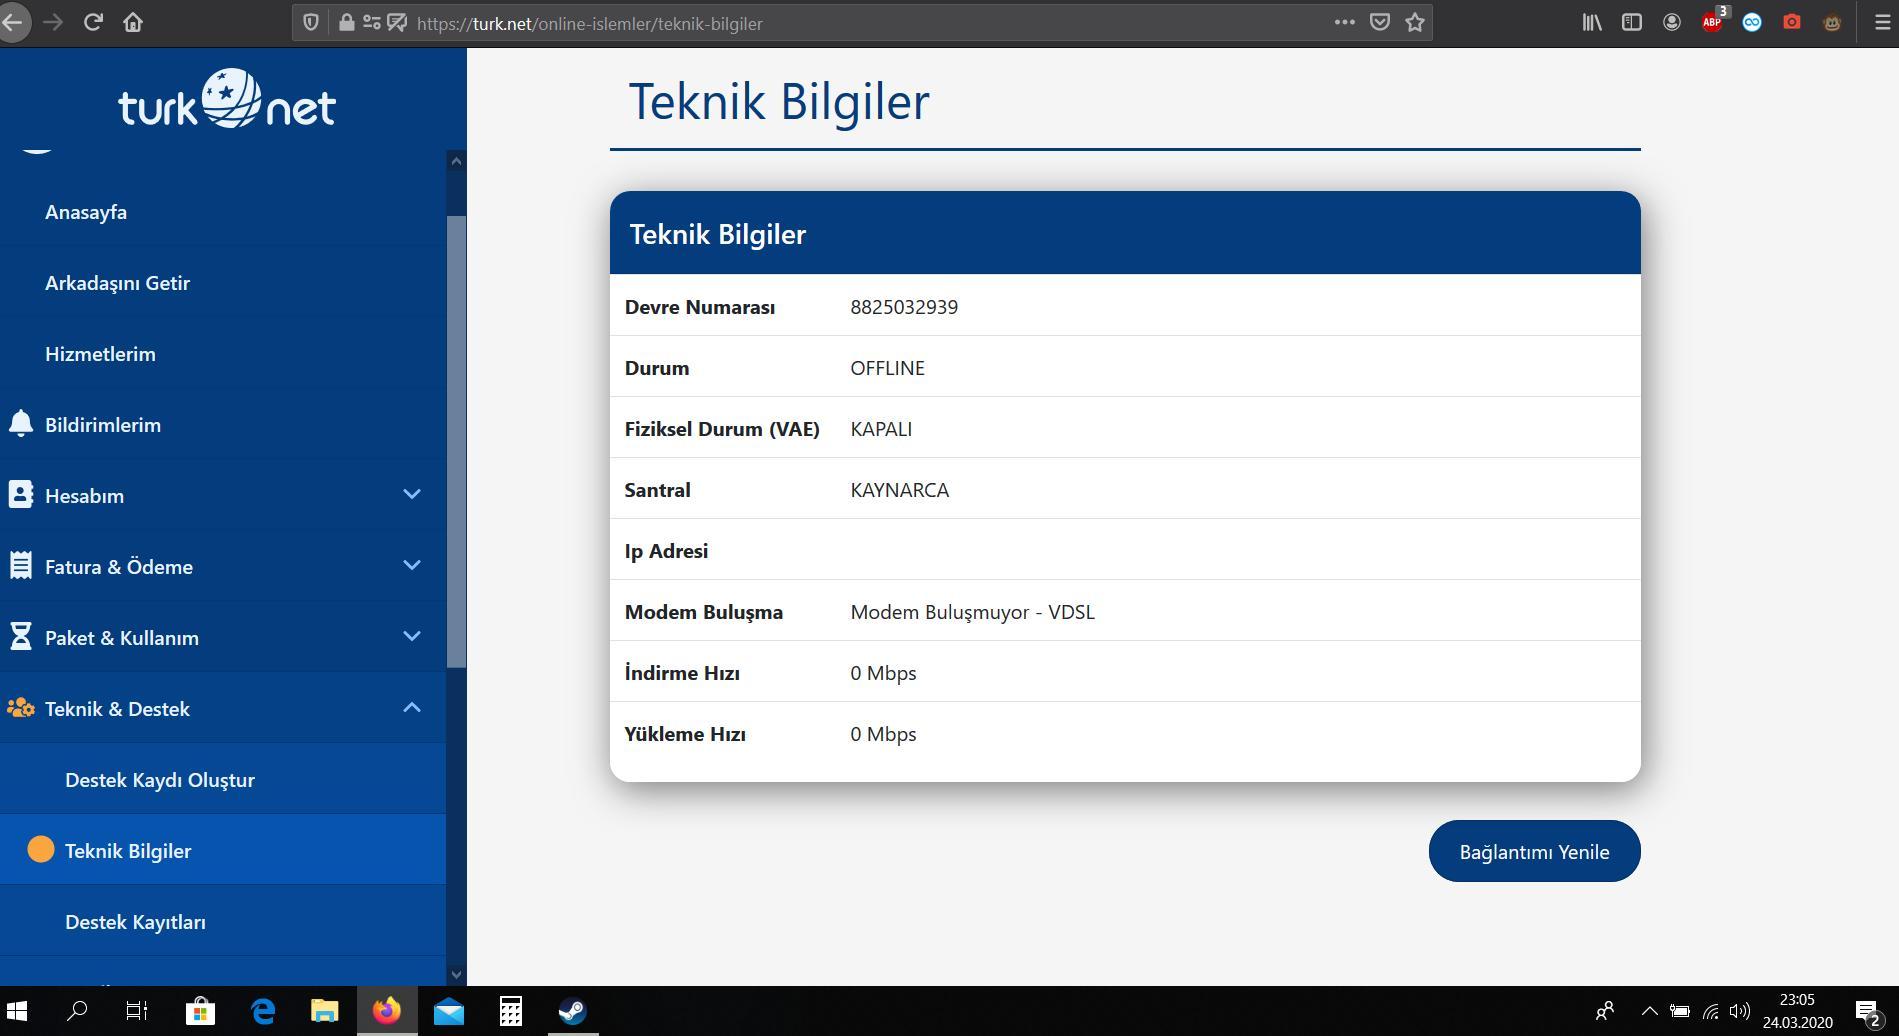 TurkNet Işık ve Telefon Numarası Şikayetleri - Şikayetvar